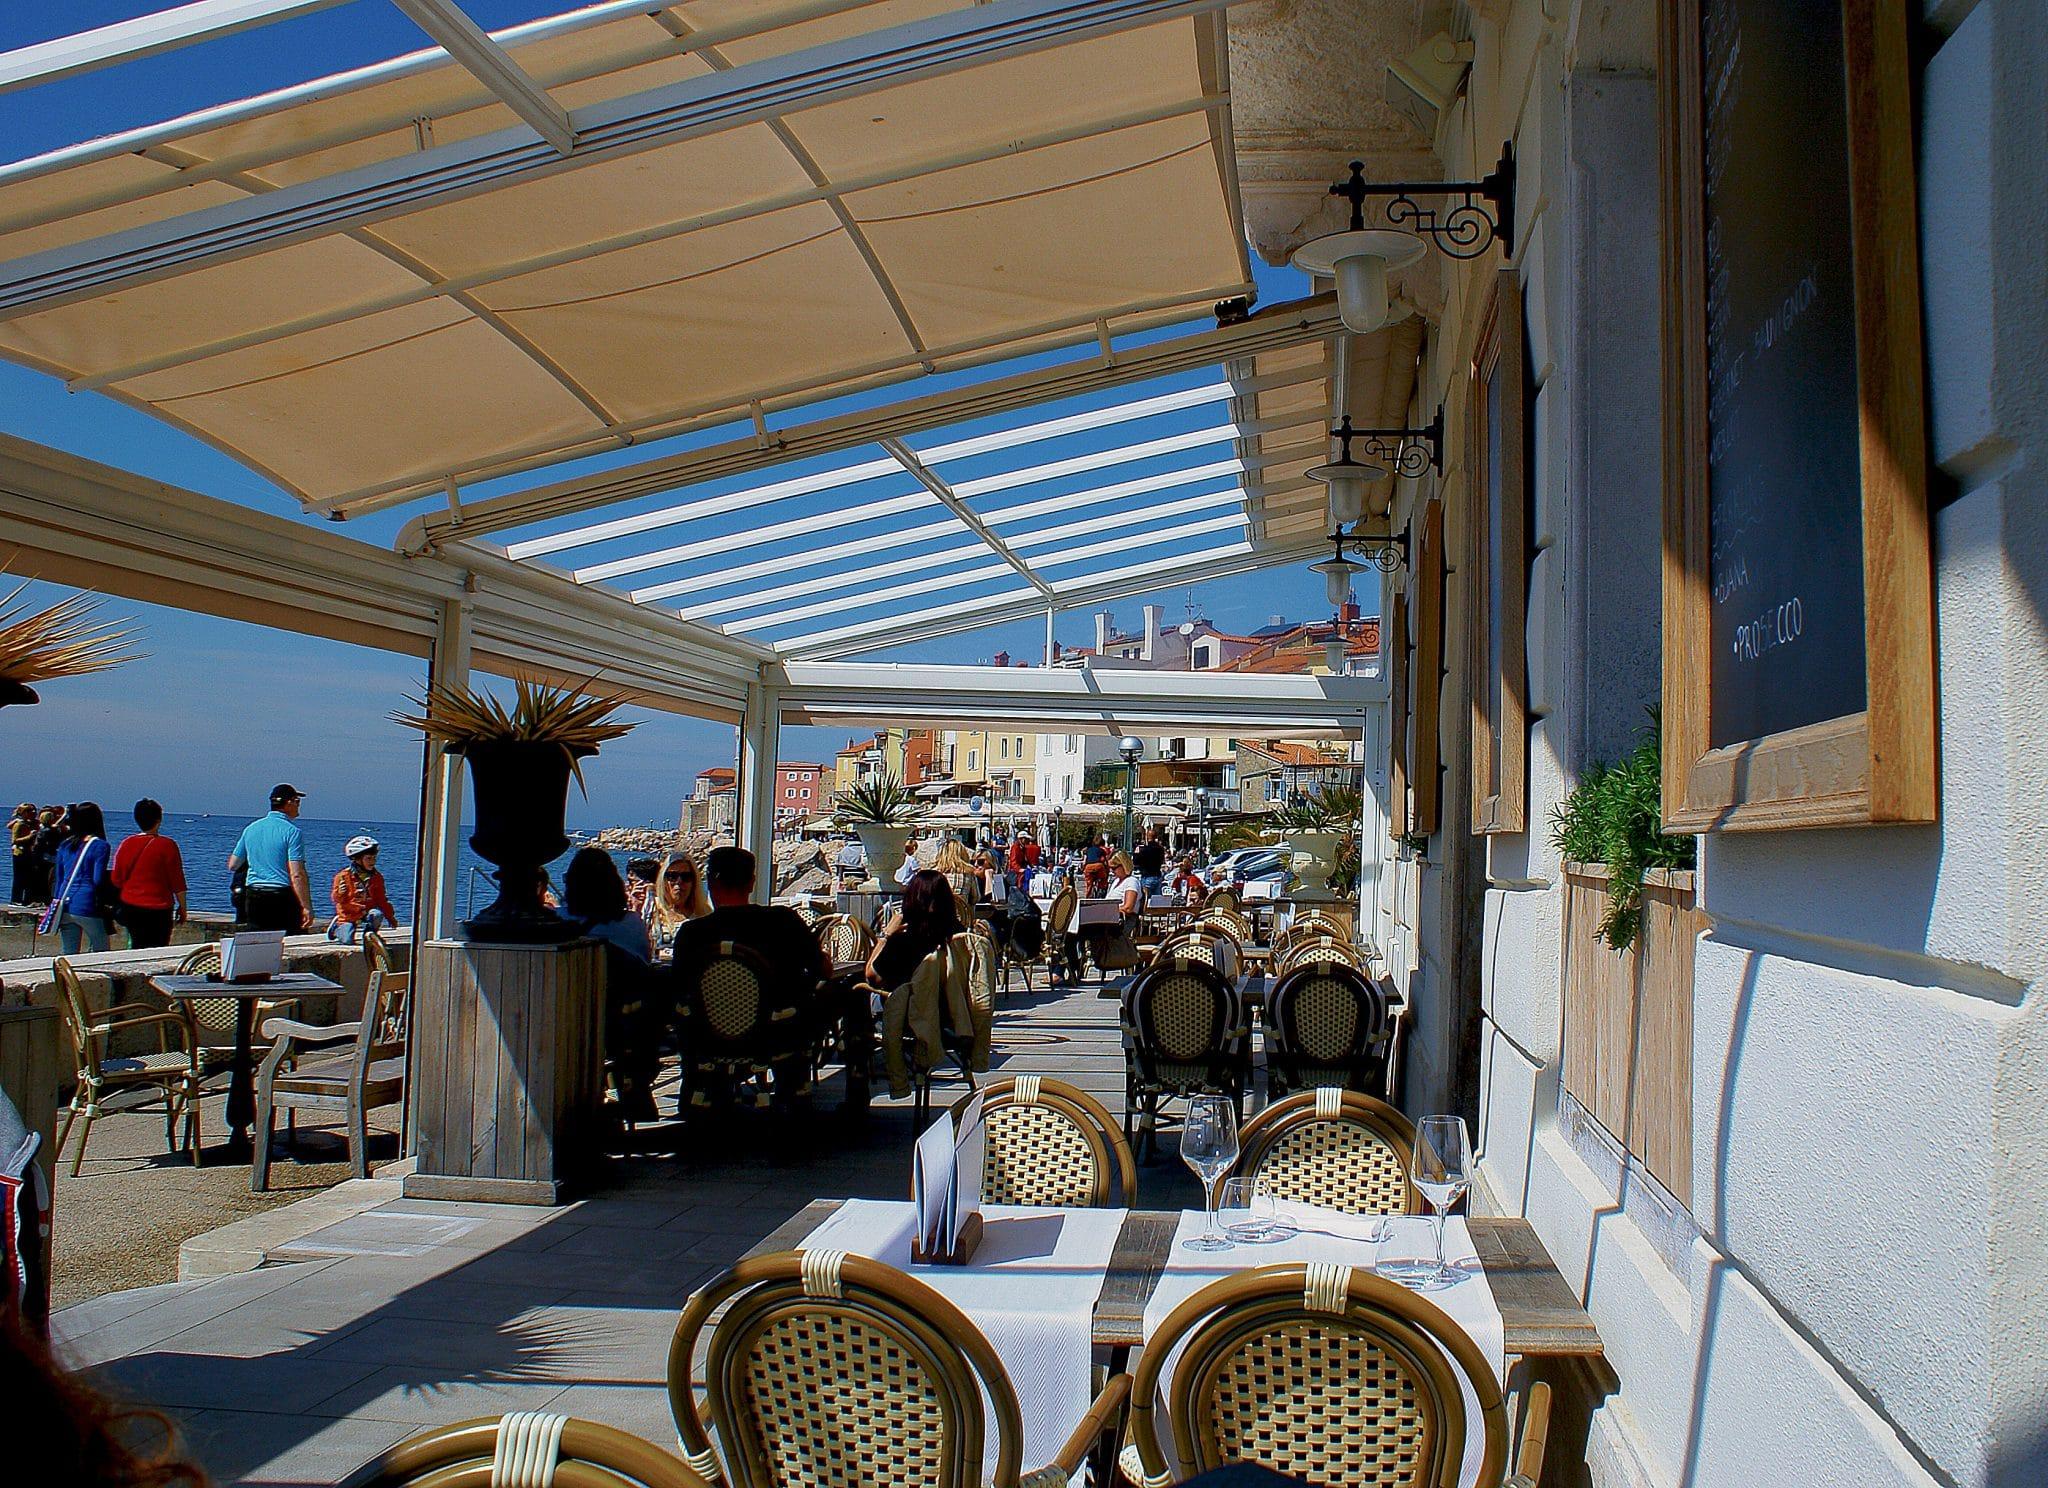 beach cafe, beach restaurant